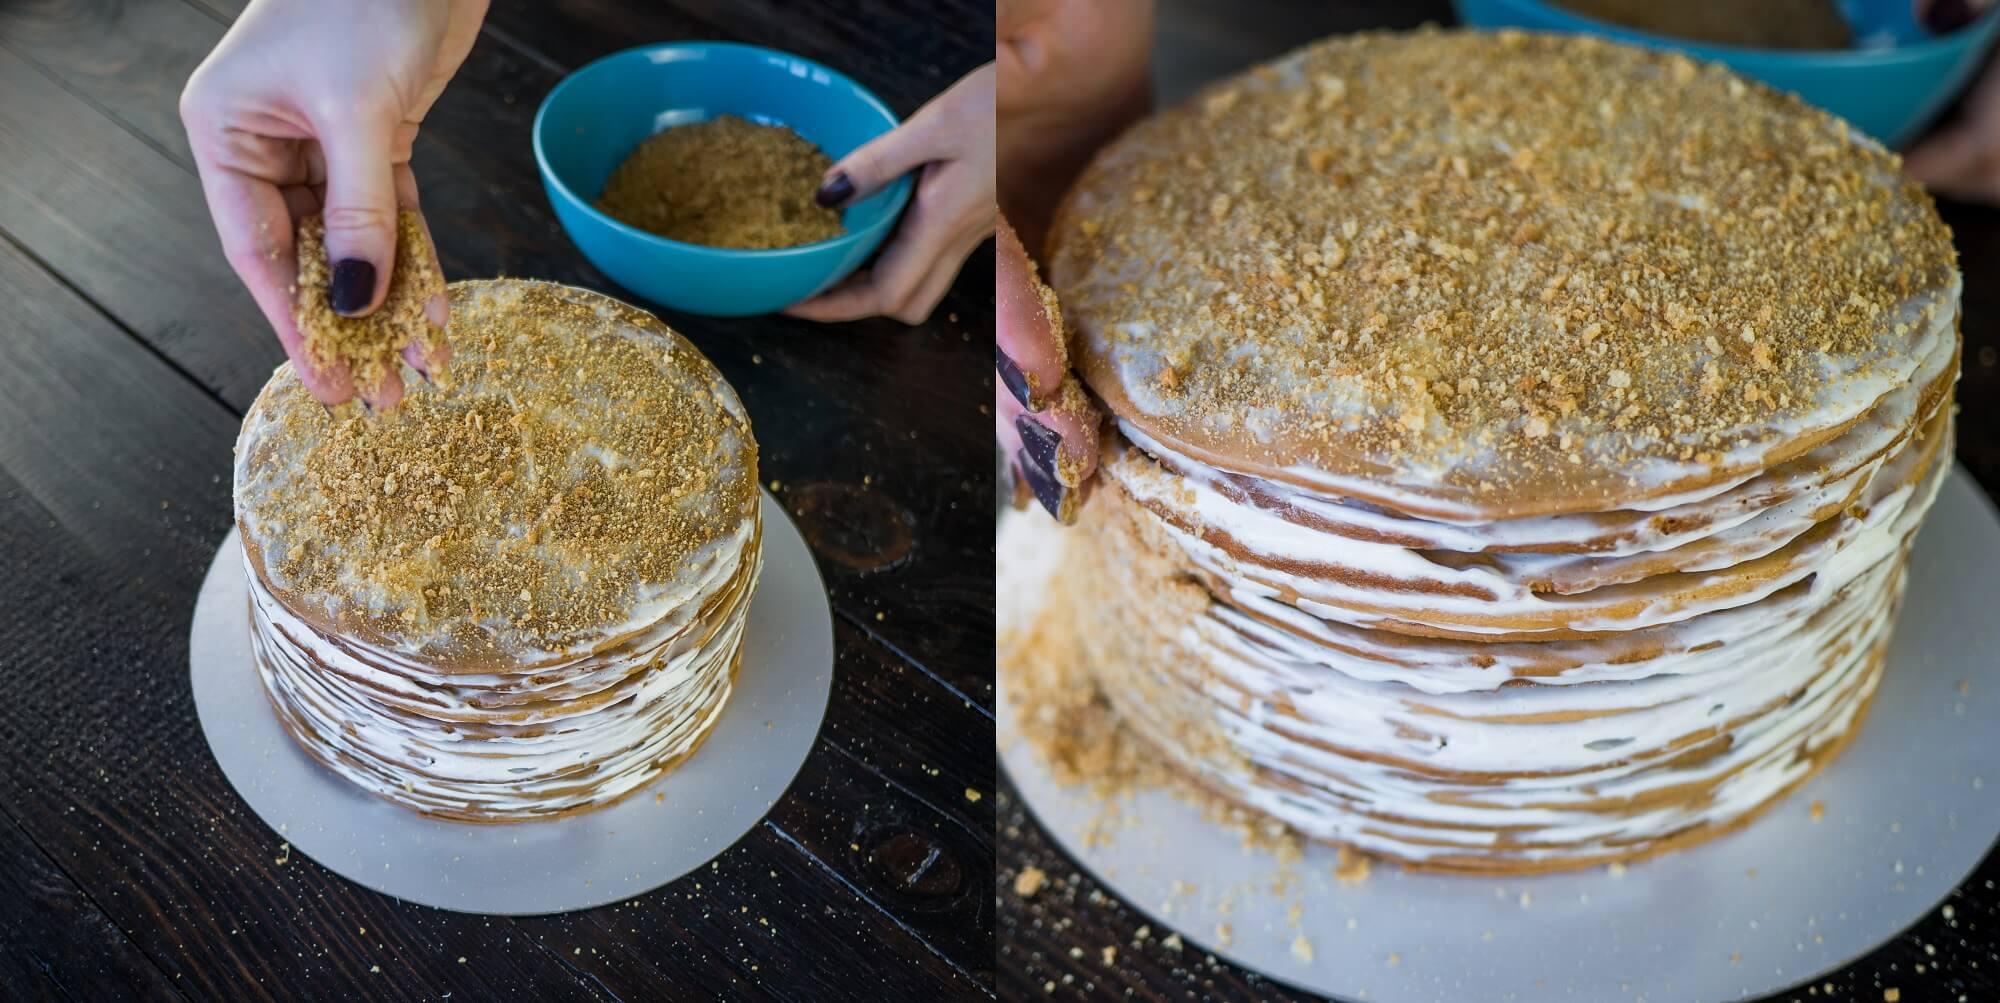 Оставшийся корж перетрите в крошку и посыпьте ей торт